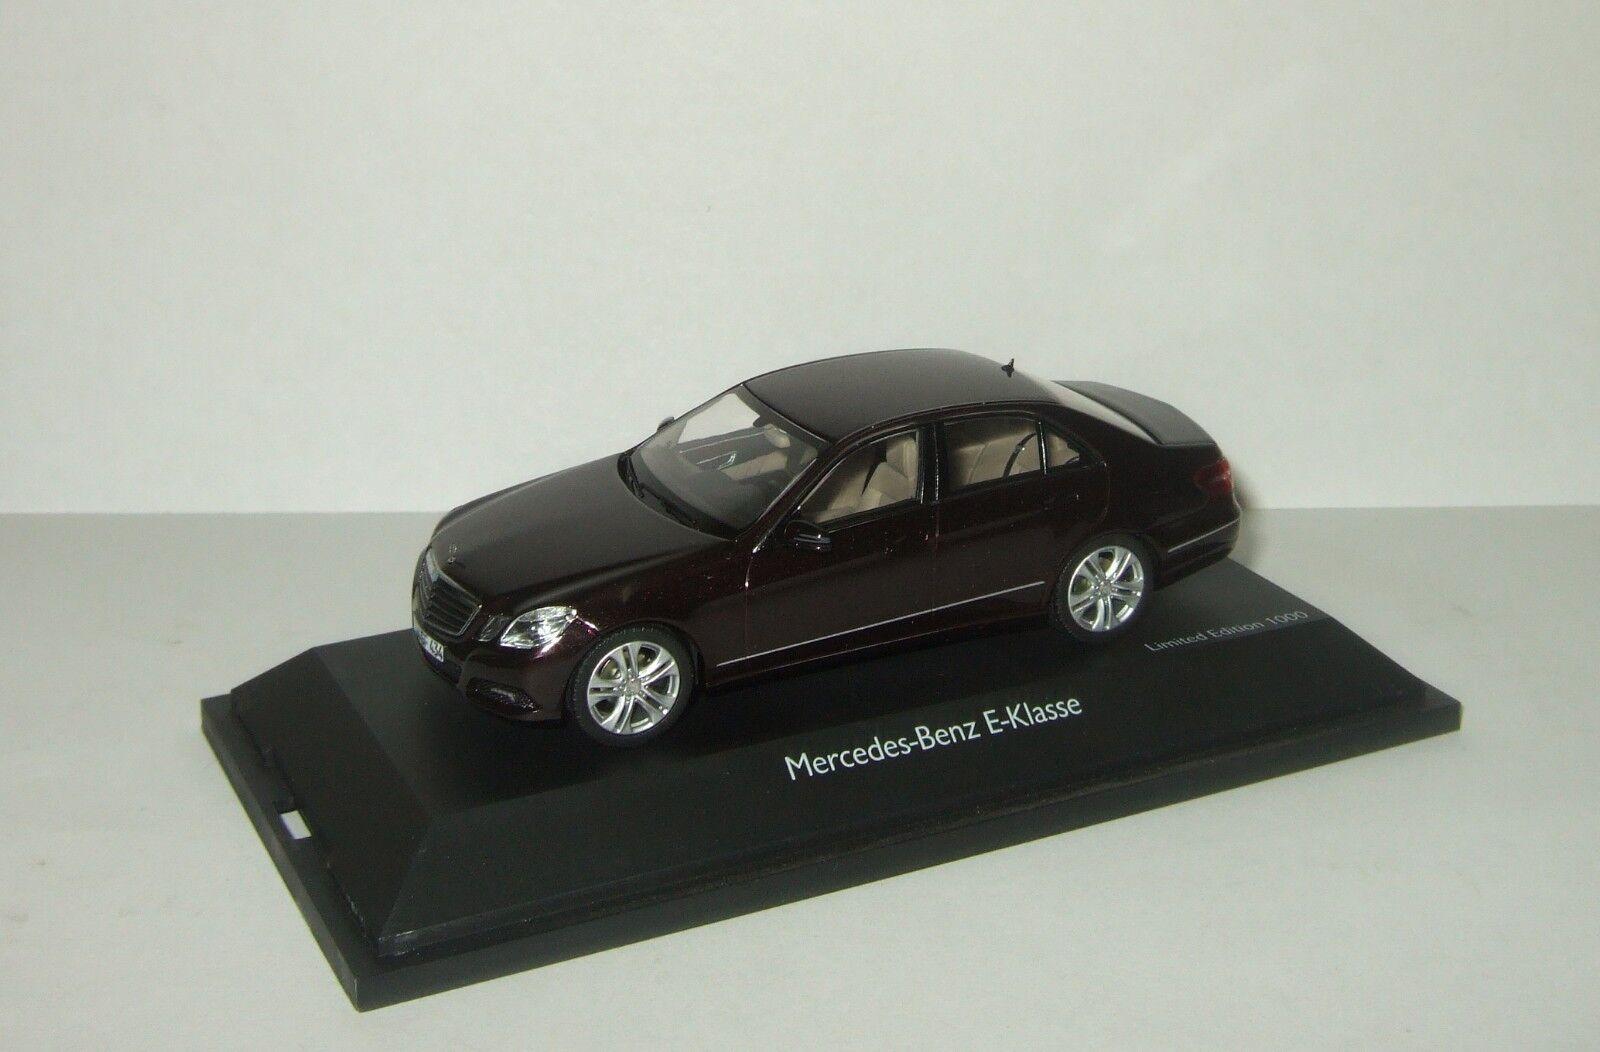 1 43 Schuco Mercedes Benz E klasse W212 Avantgarde 2010 limousine 450732400